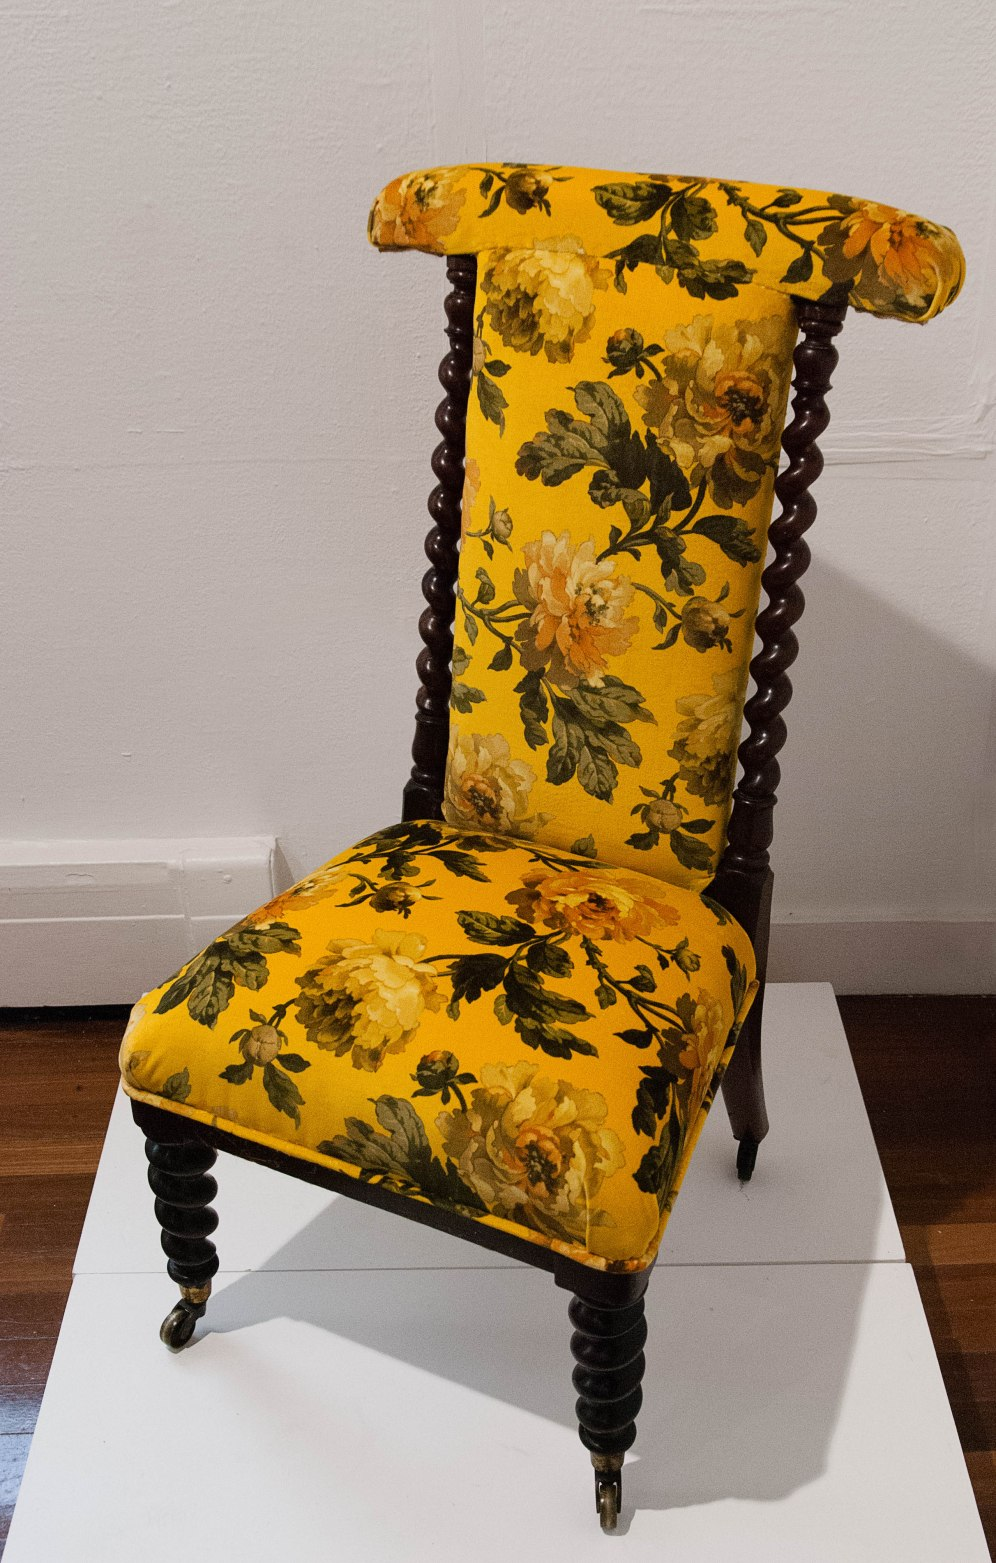 Victorian Prayer Chair By Joanna Doyle